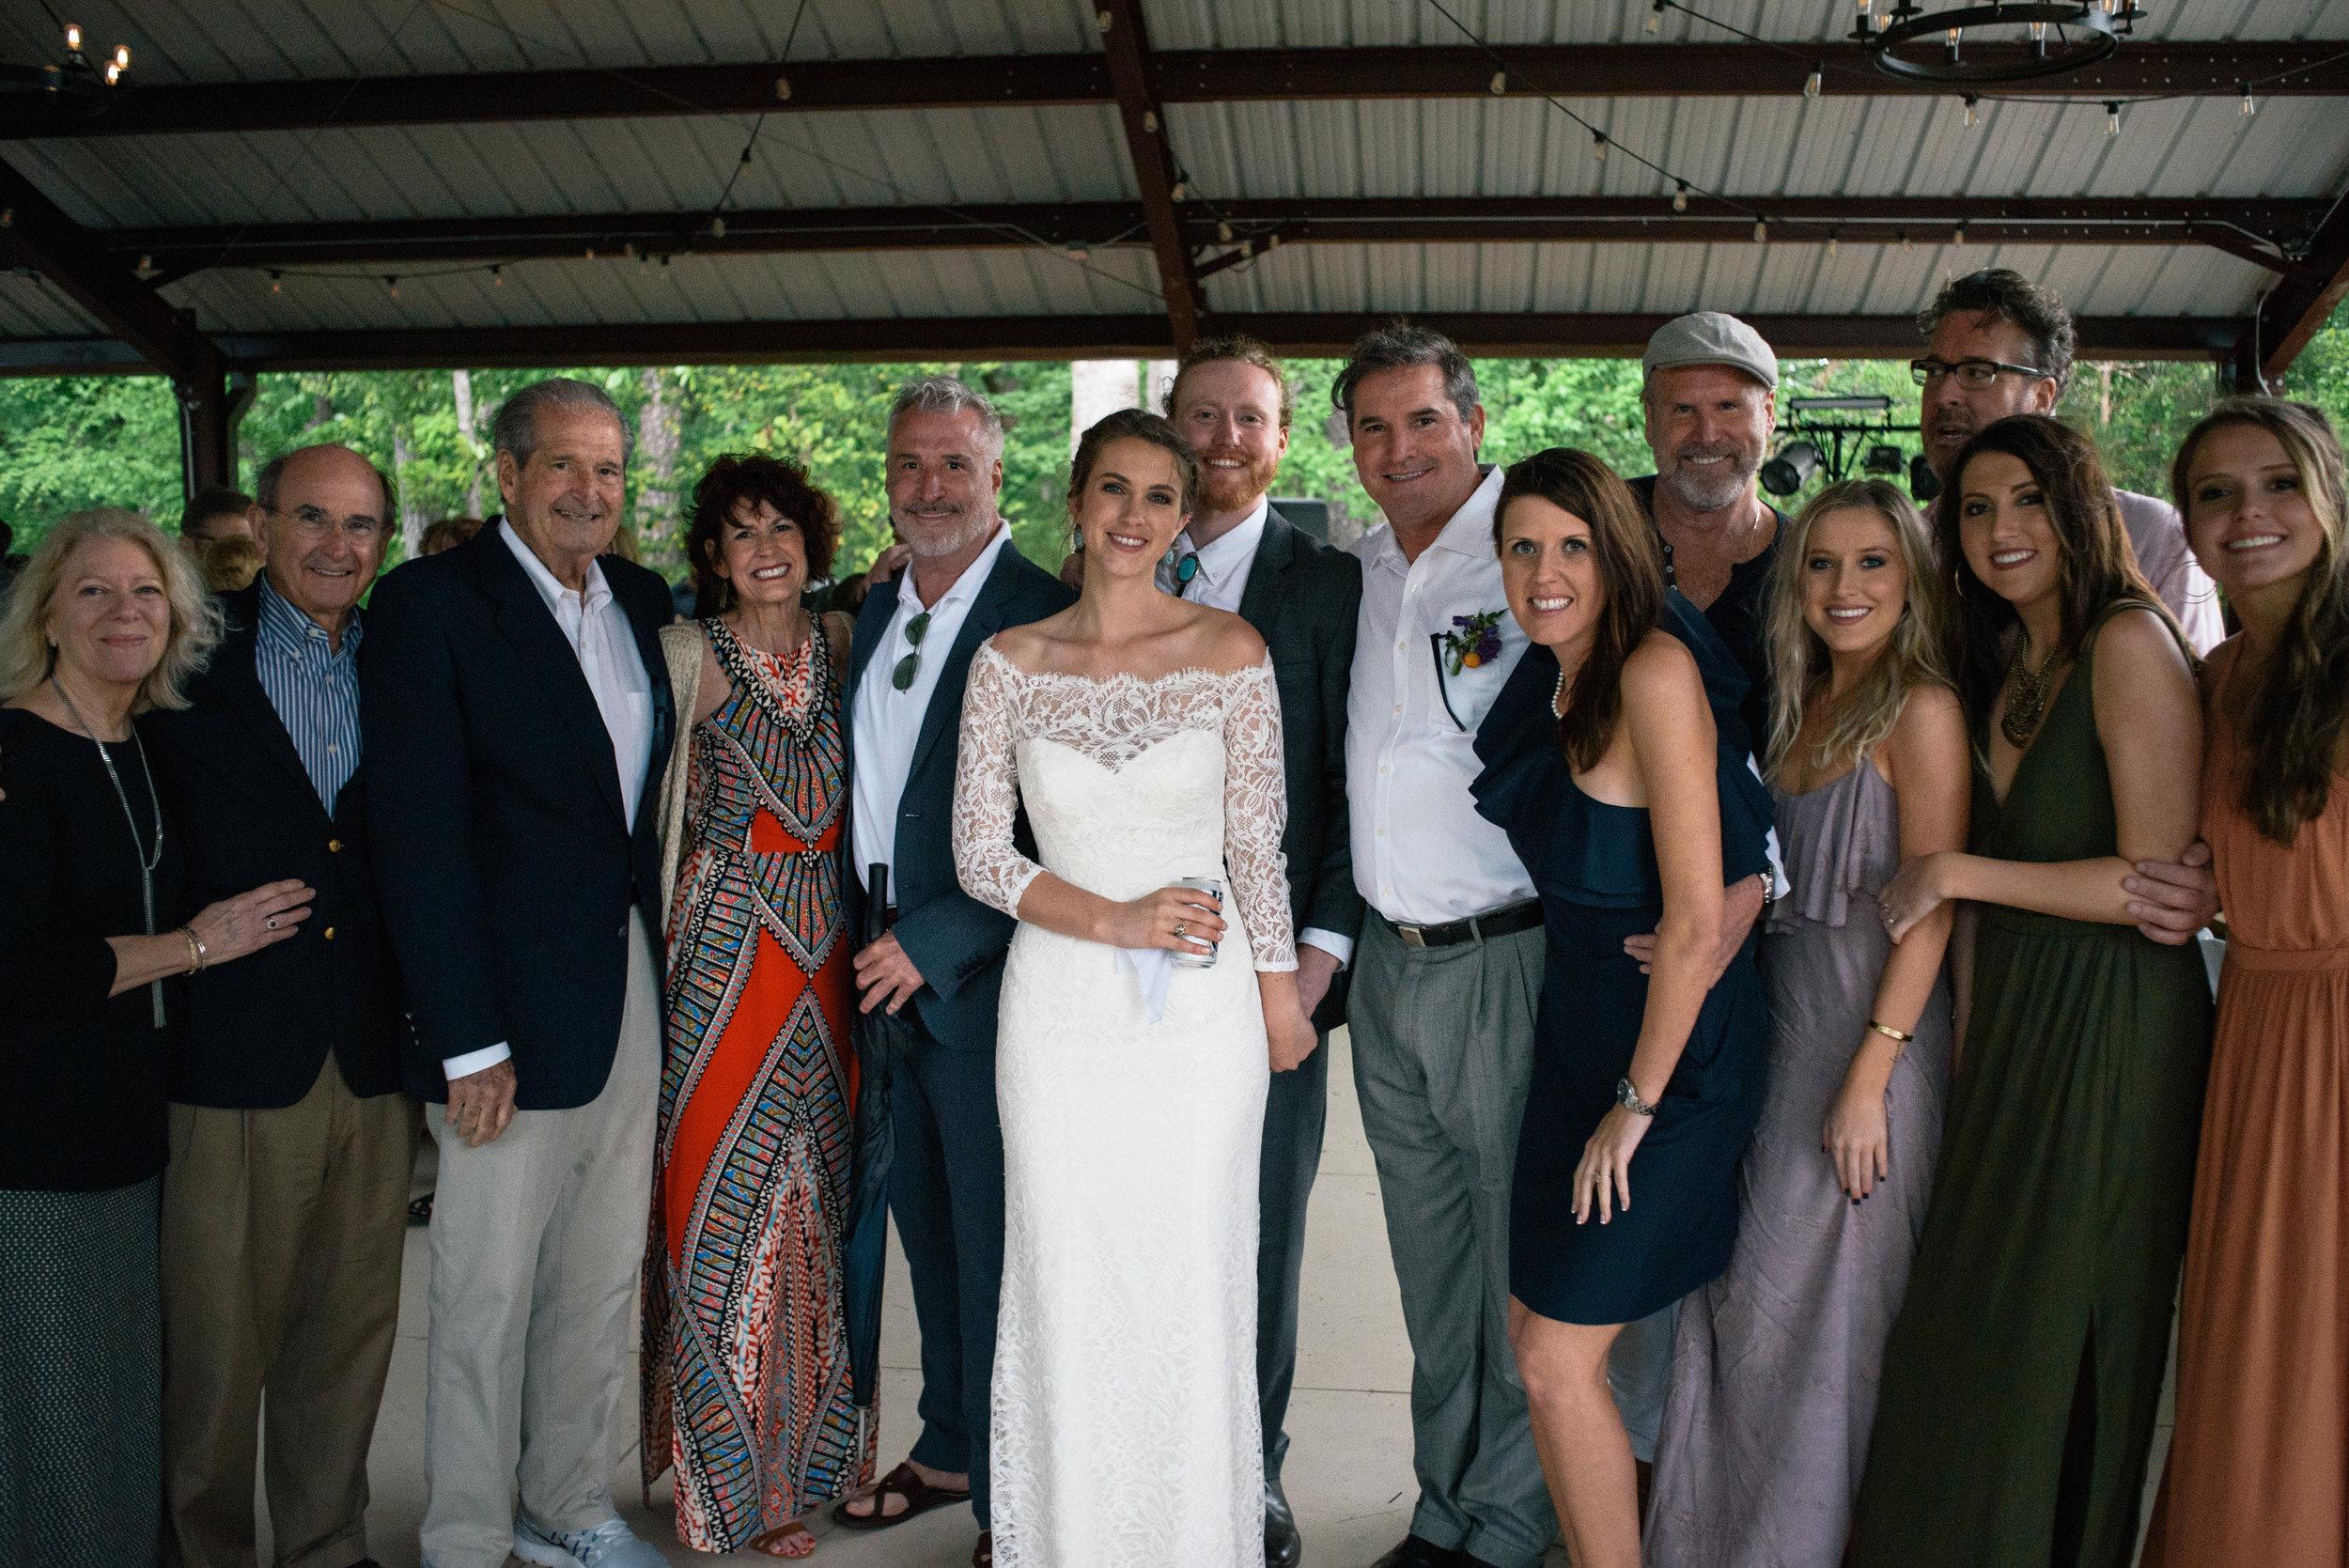 raleigh-elopement-photographer-raleigh-durham-wedding-maddie-and-devin- (128 of 162).jpg